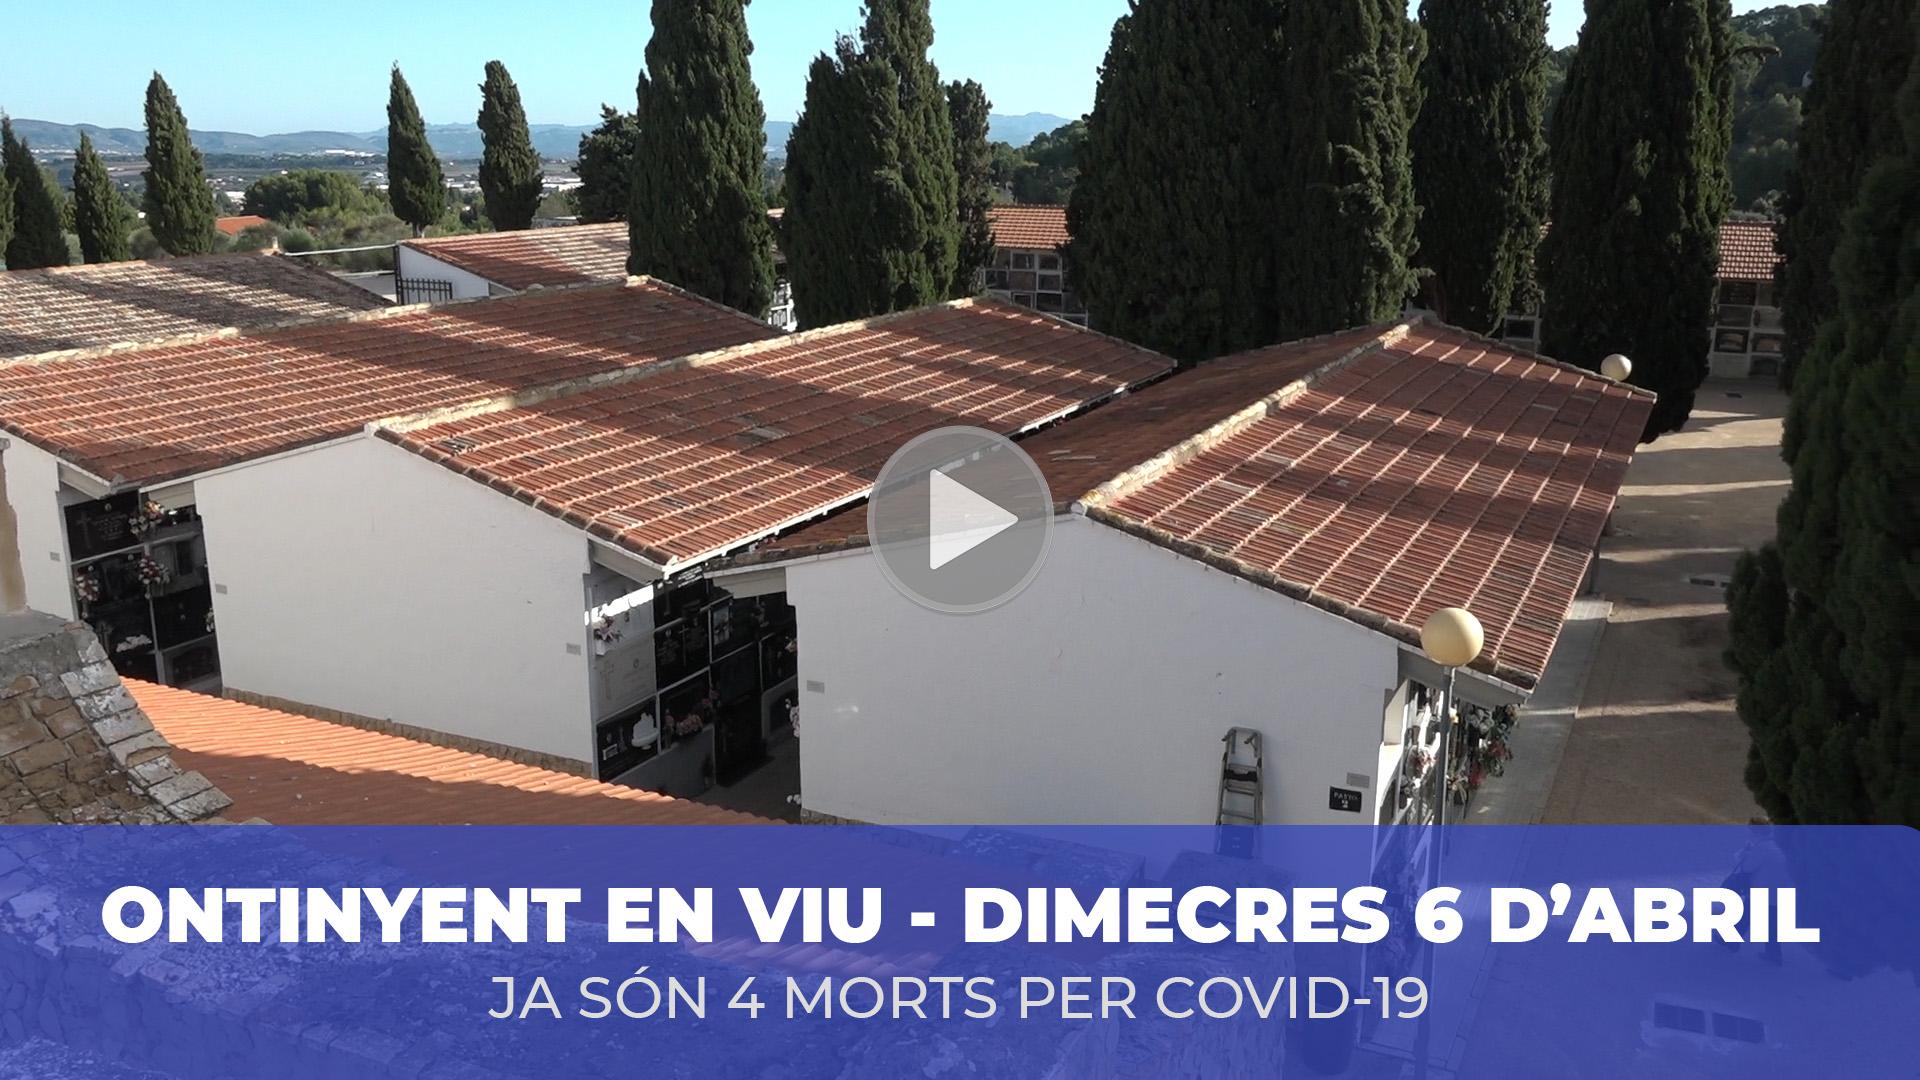 A les 4 víctimes d'Ontinyent cal afegir altres 3 de la Vall d'Albaida El Periòdic d'Ontinyent